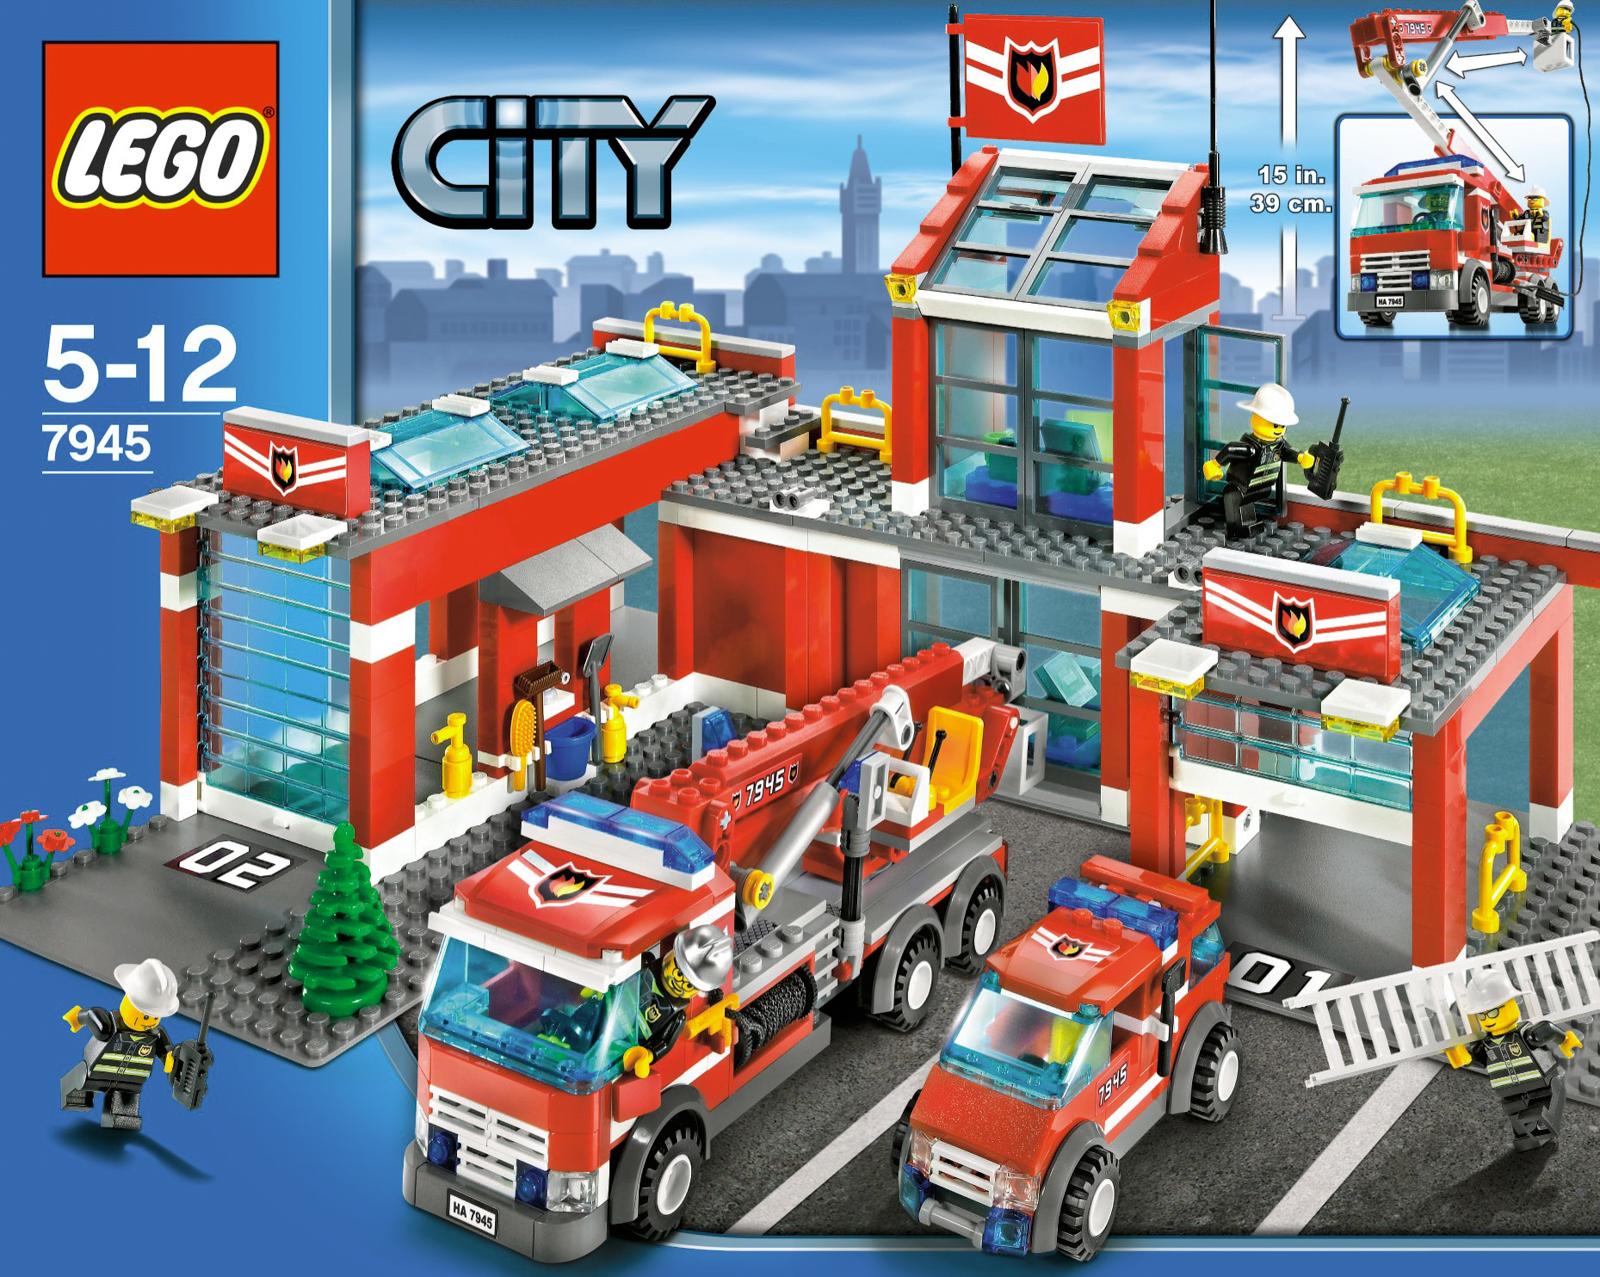 LEGO _009.jpg